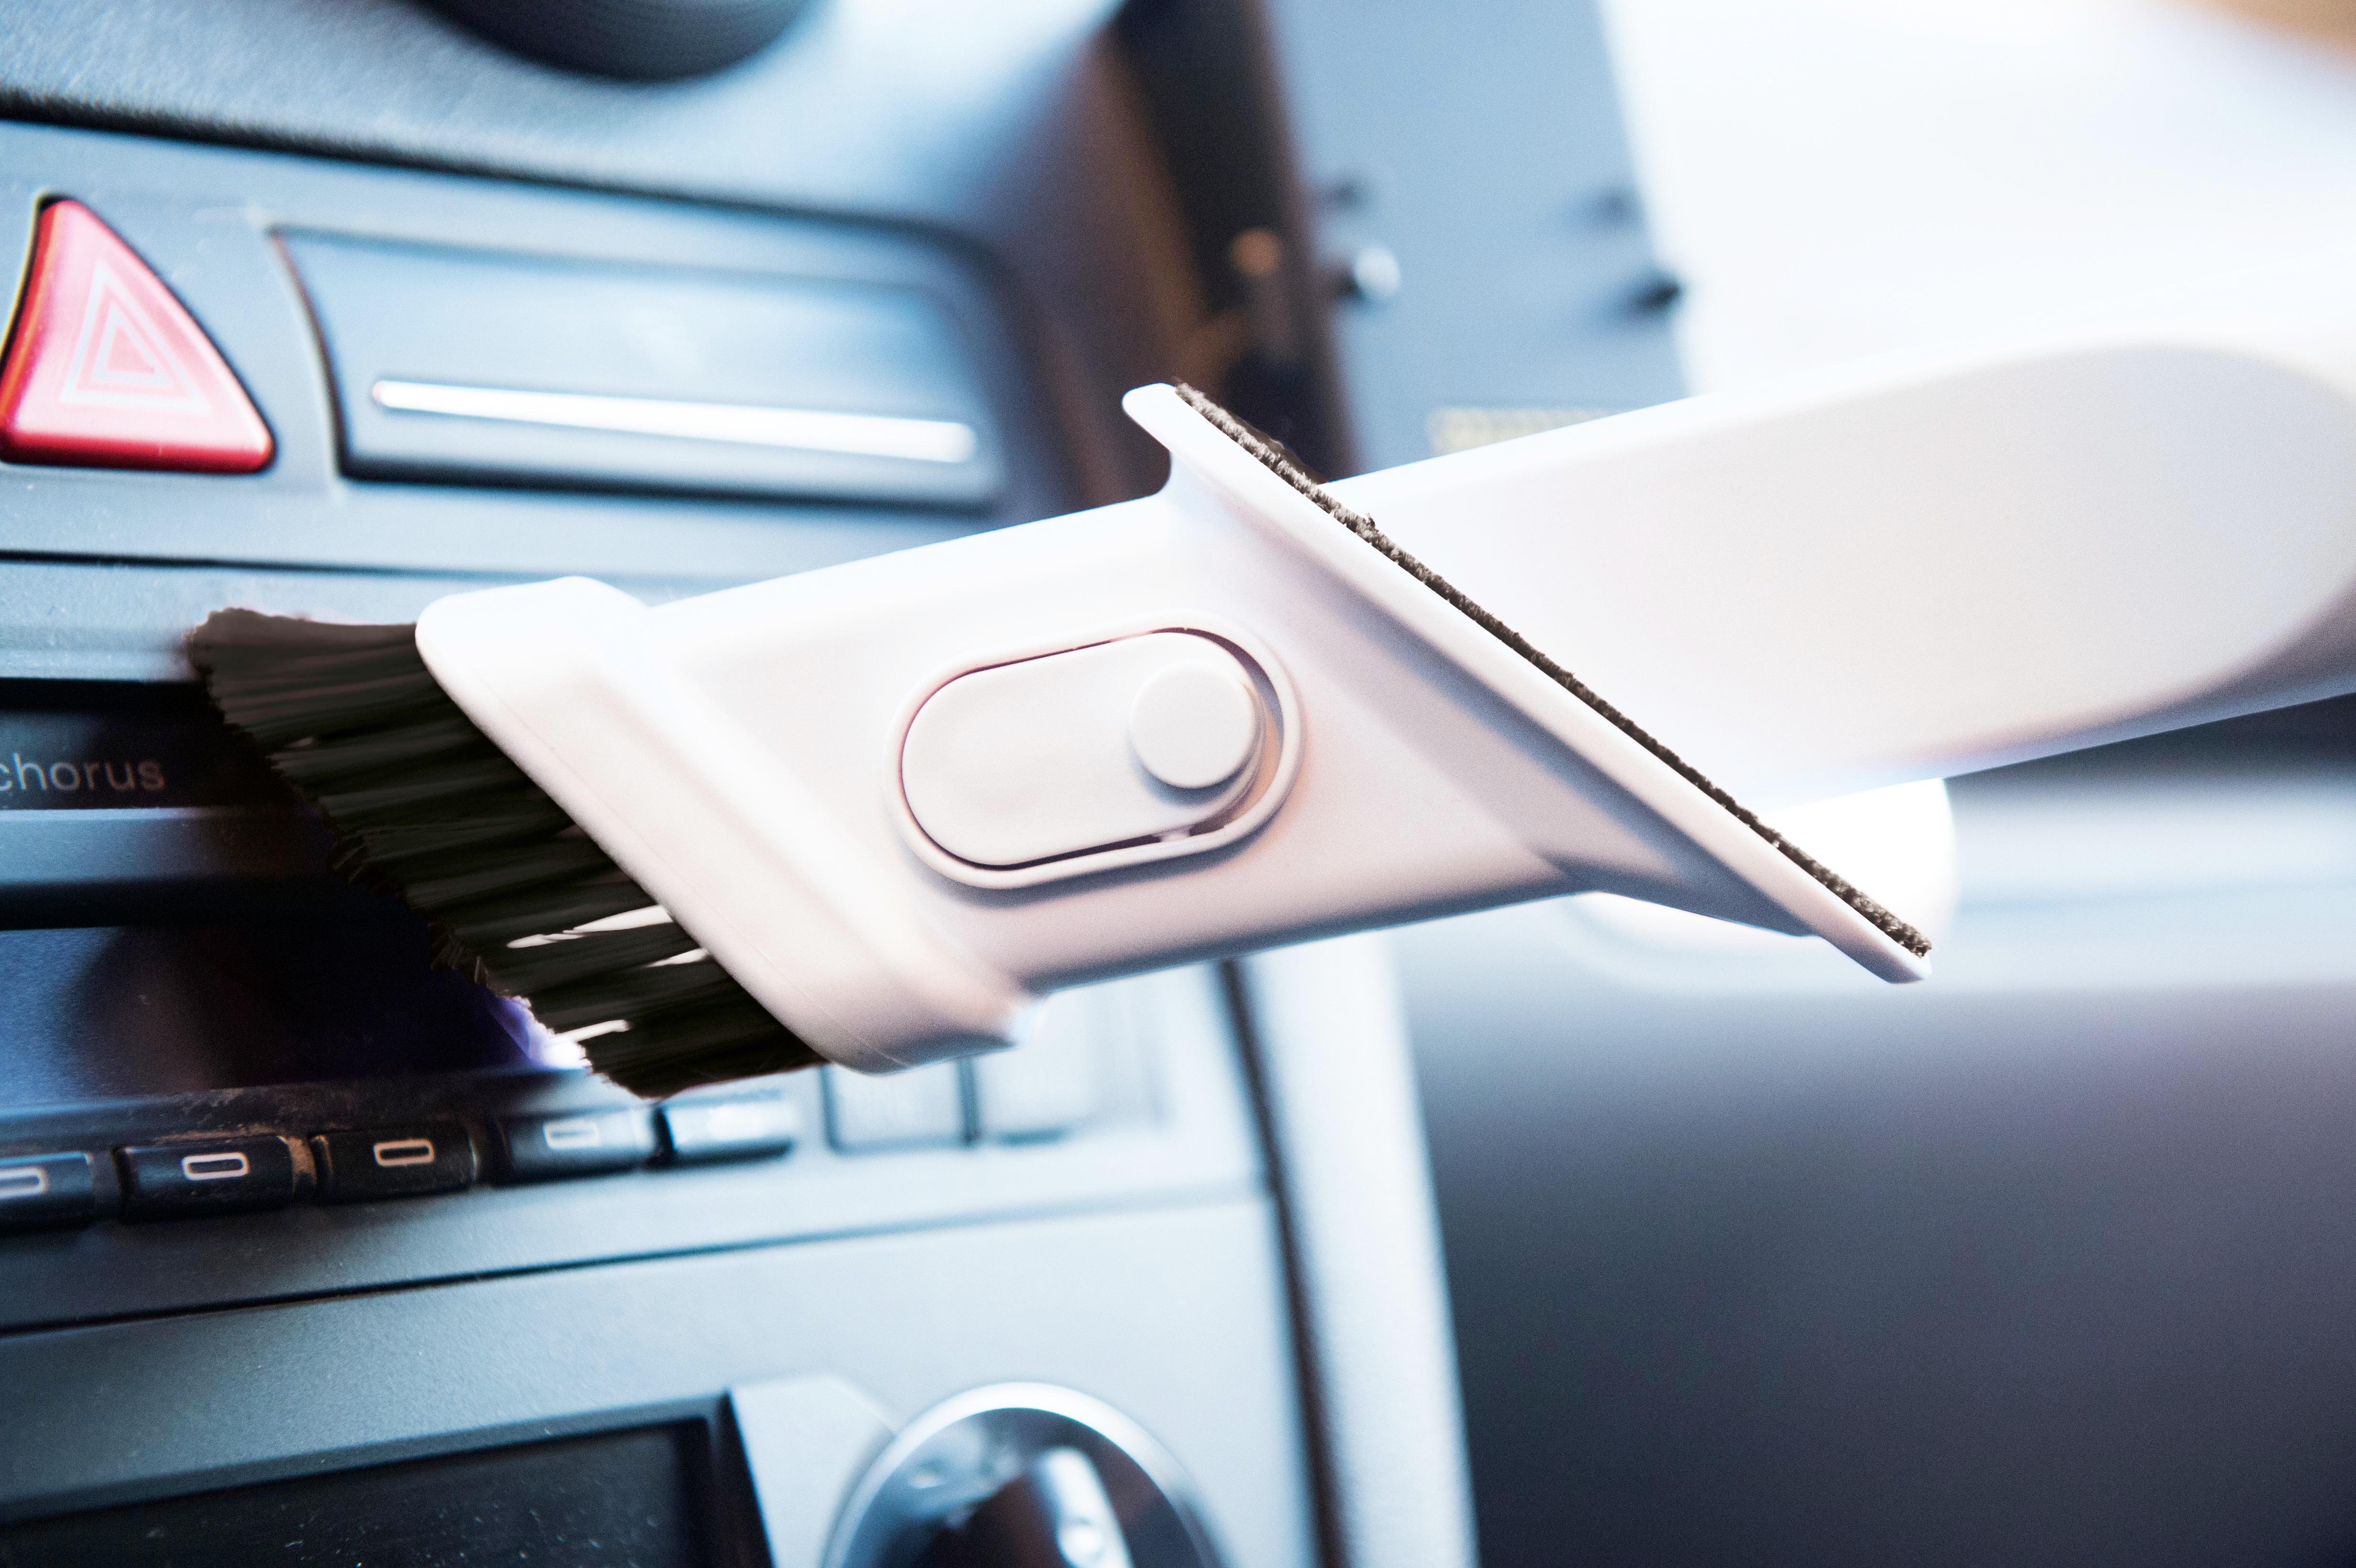 Ausgezeichnet Küchengeräte Bowery Bilder - Küchenschrank Ideen ...